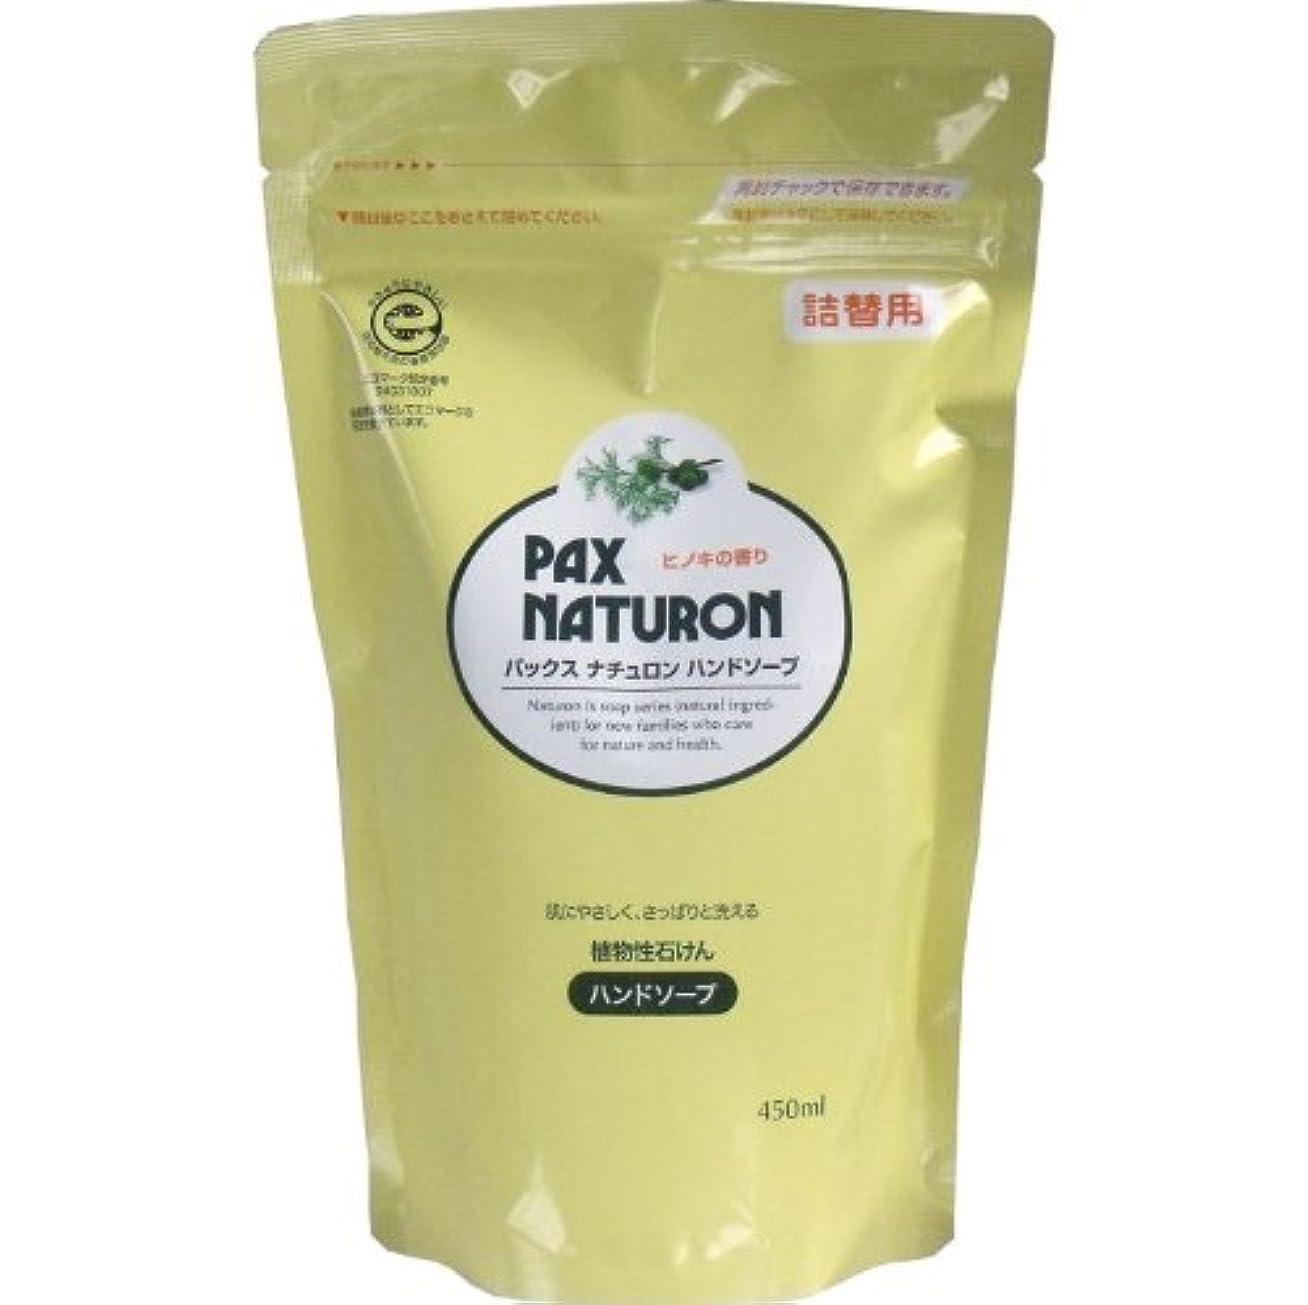 セッティングよろしくブロッサム肌にやさしく、さっぱりと洗える植物性石けん!植物性ハンドソープ 詰替用 450mL【4個セット】